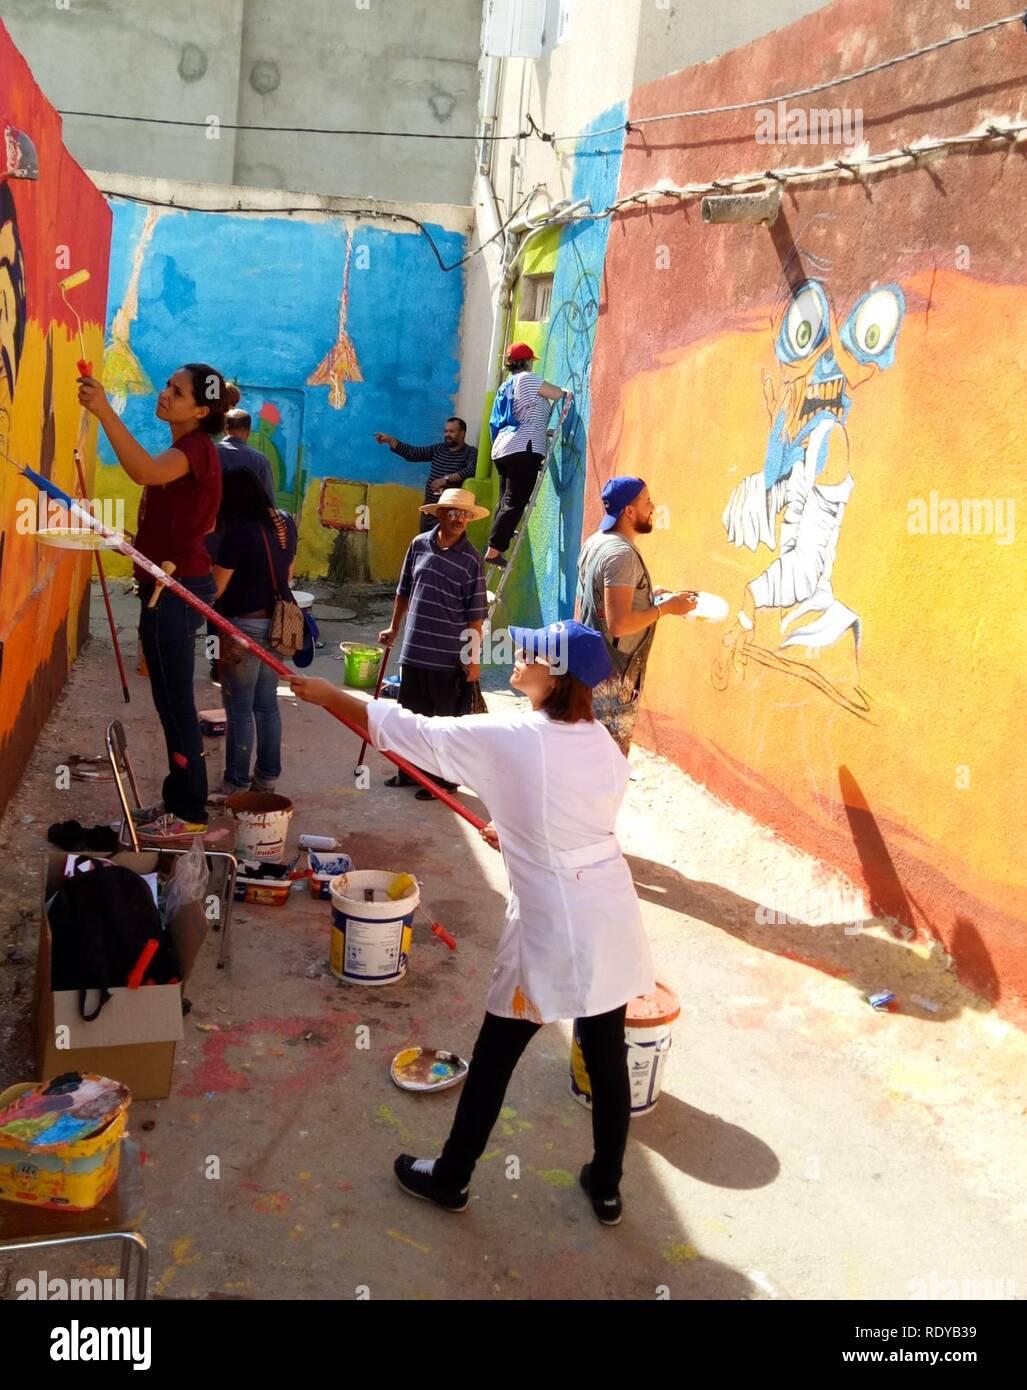 Artistes peintre. - Stock Image